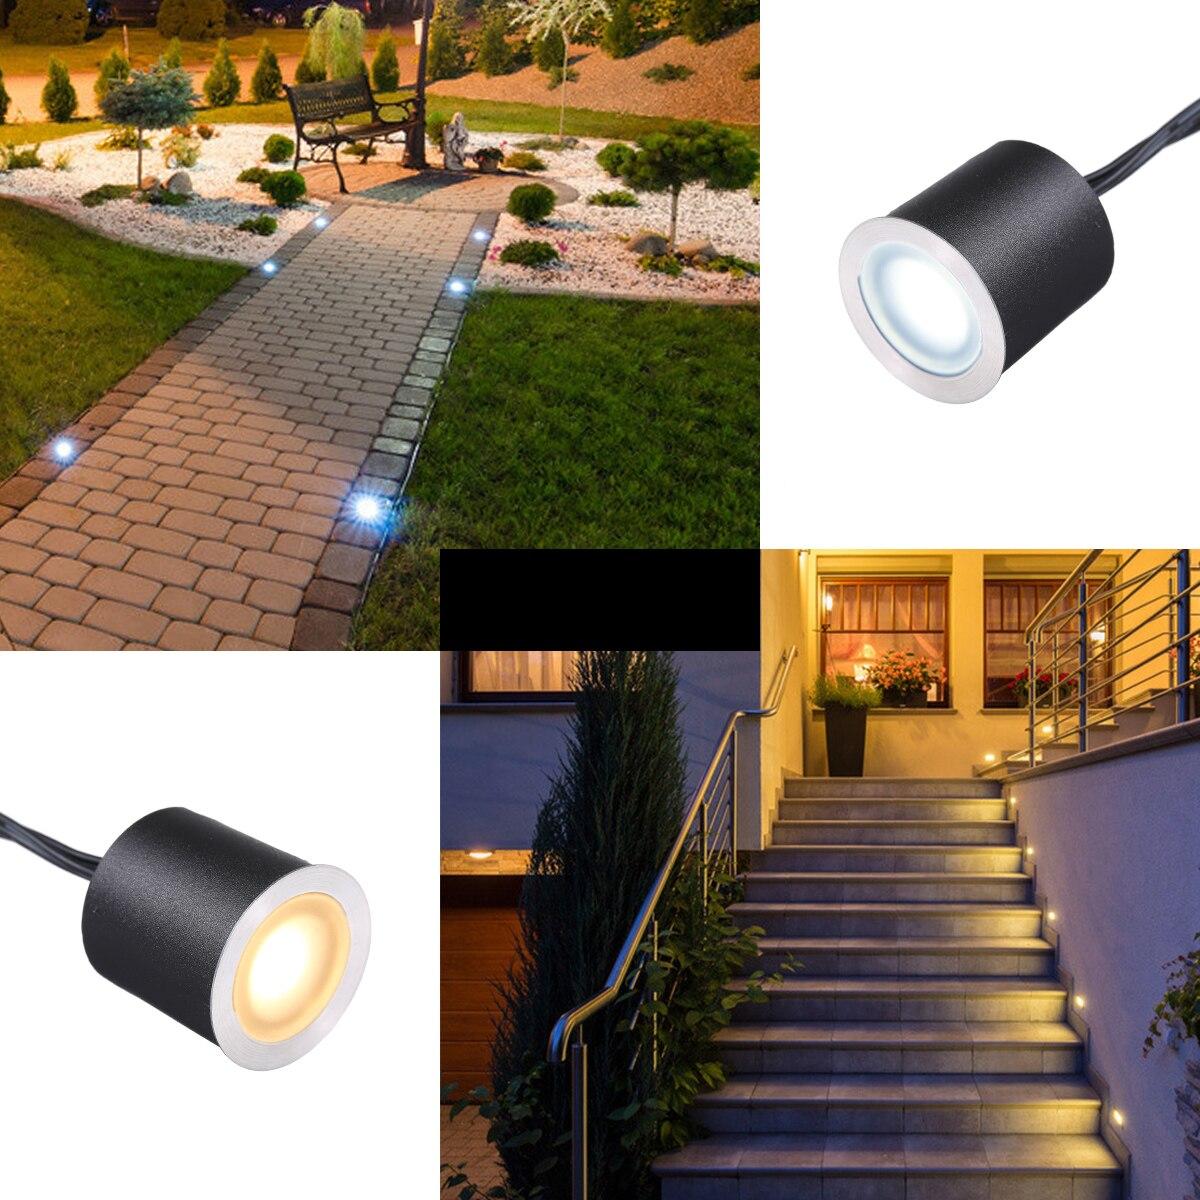 Lampara LED empotrada para exteriores, luz de paisaje para Patio, camino, escaleras y Patio, impermeable, IP67 DC12V enlarge